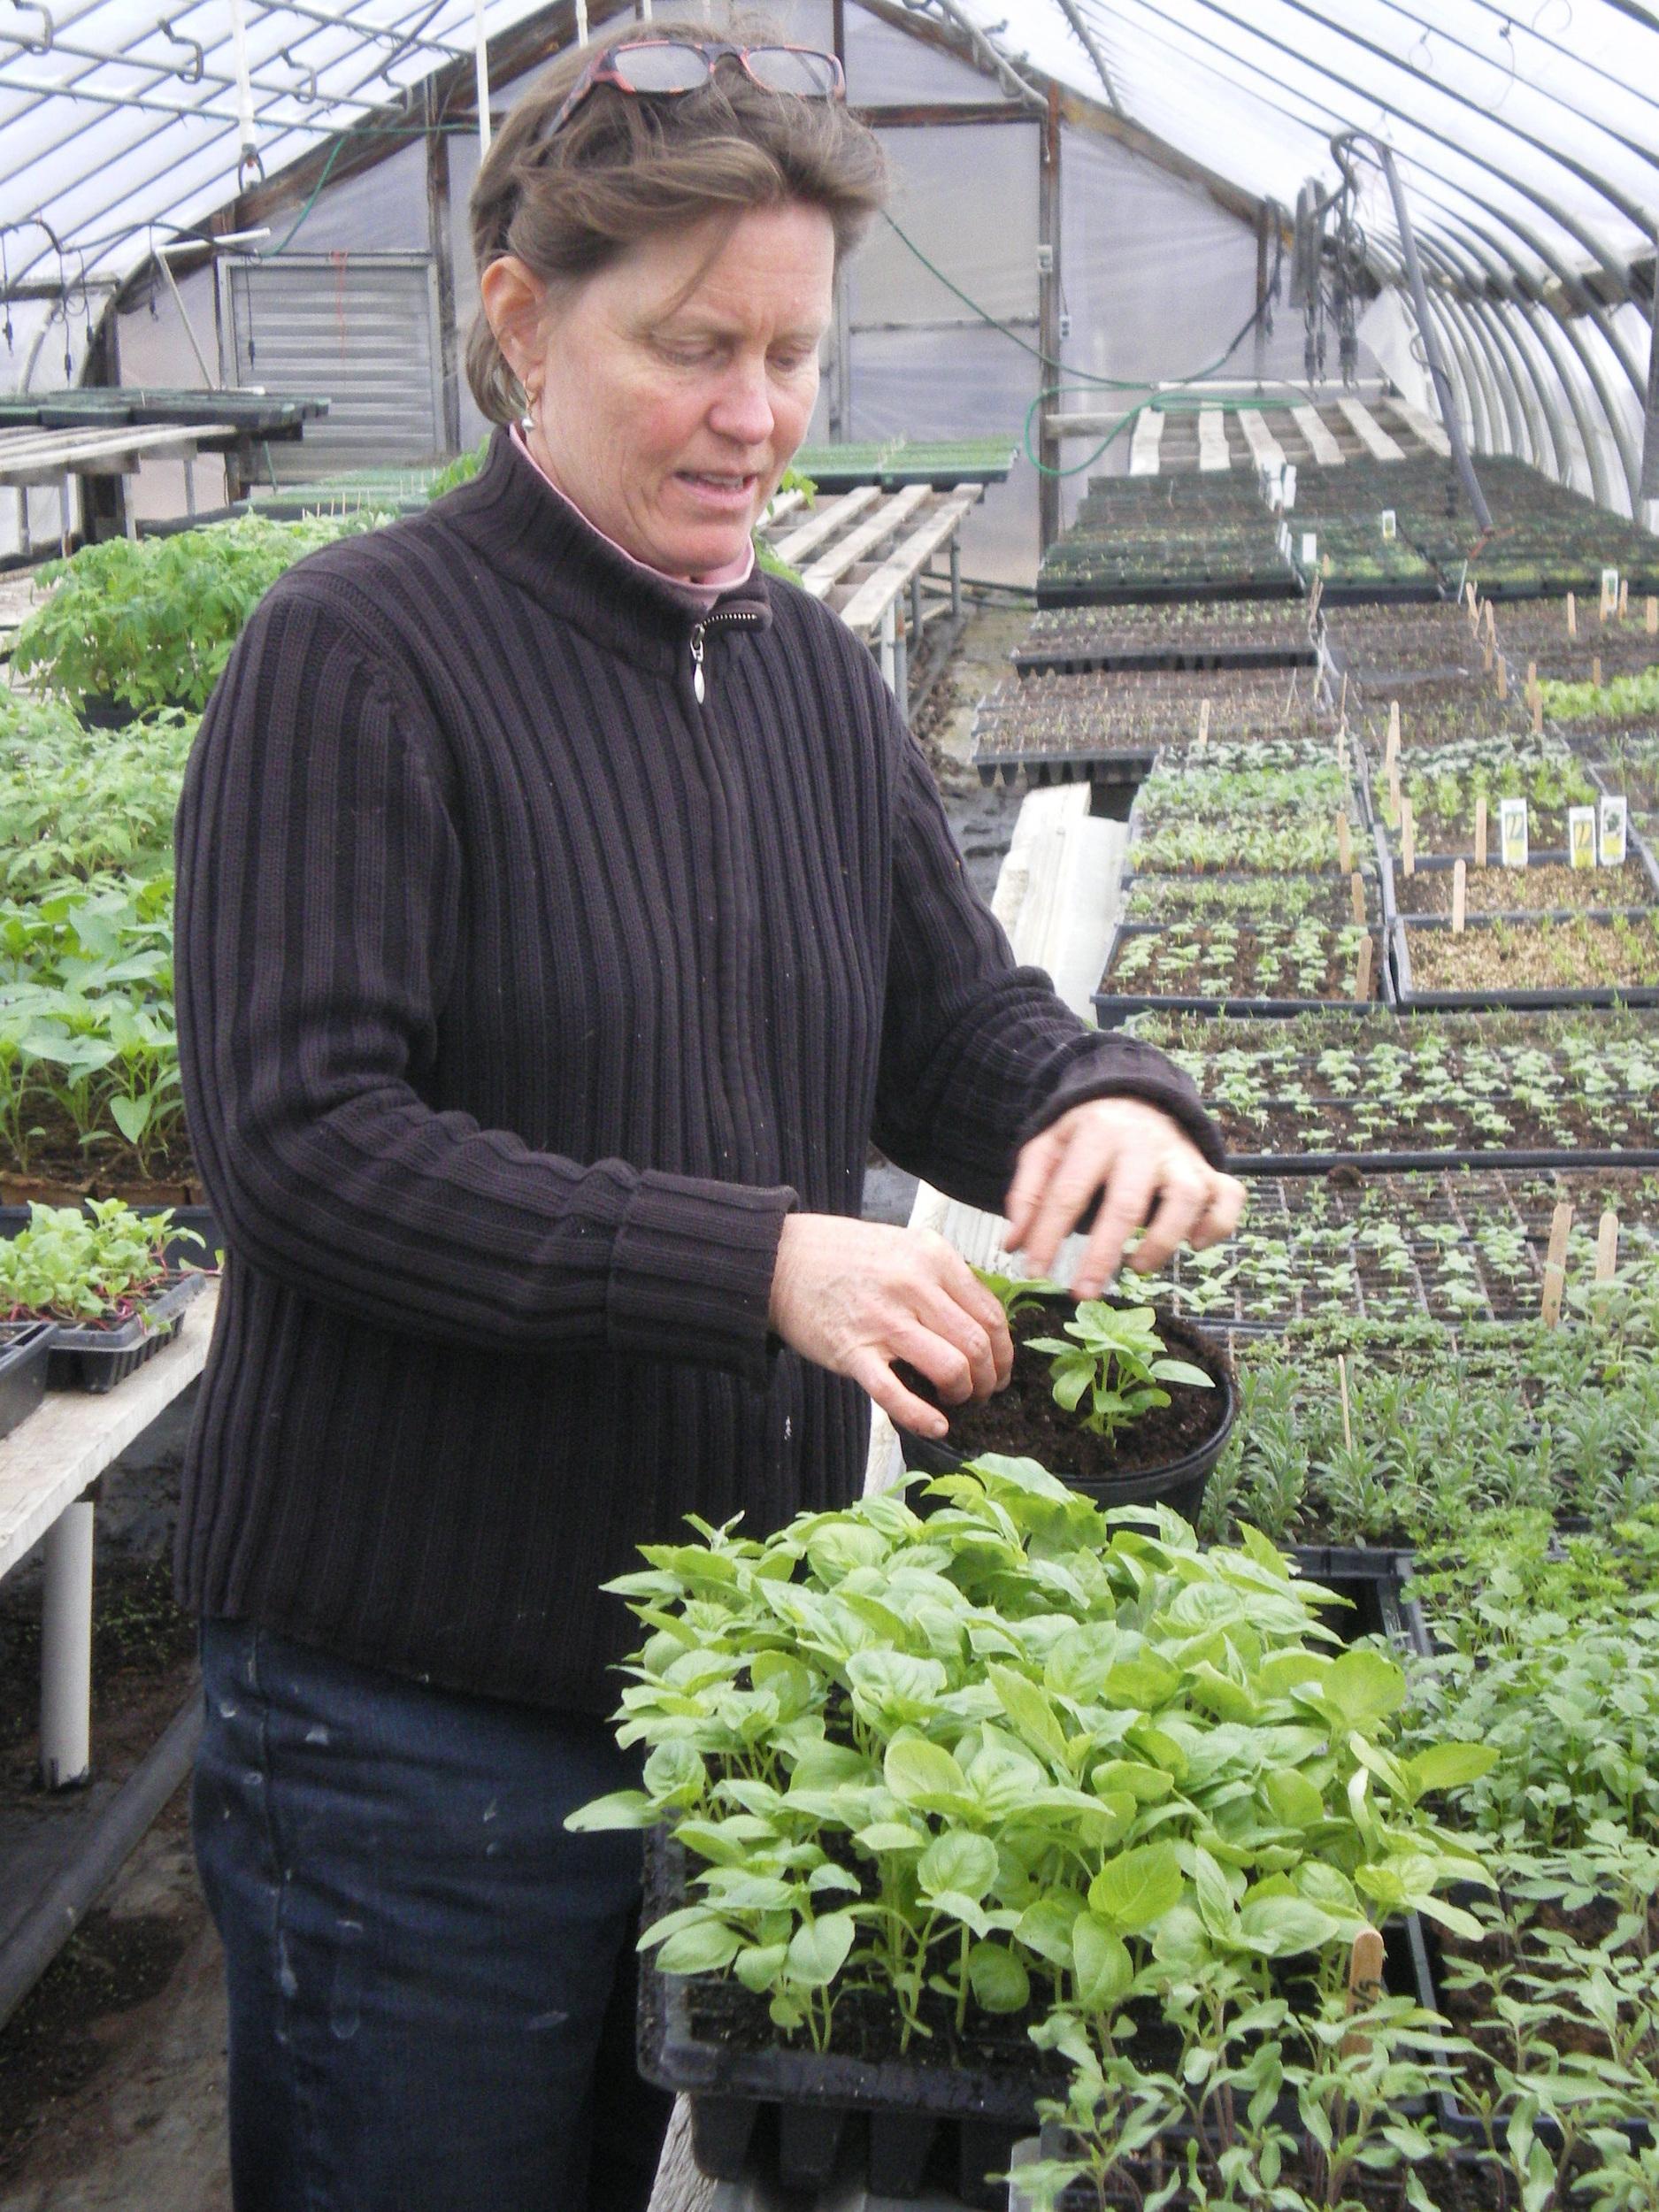 Sally Transplants Basil Seedlings.